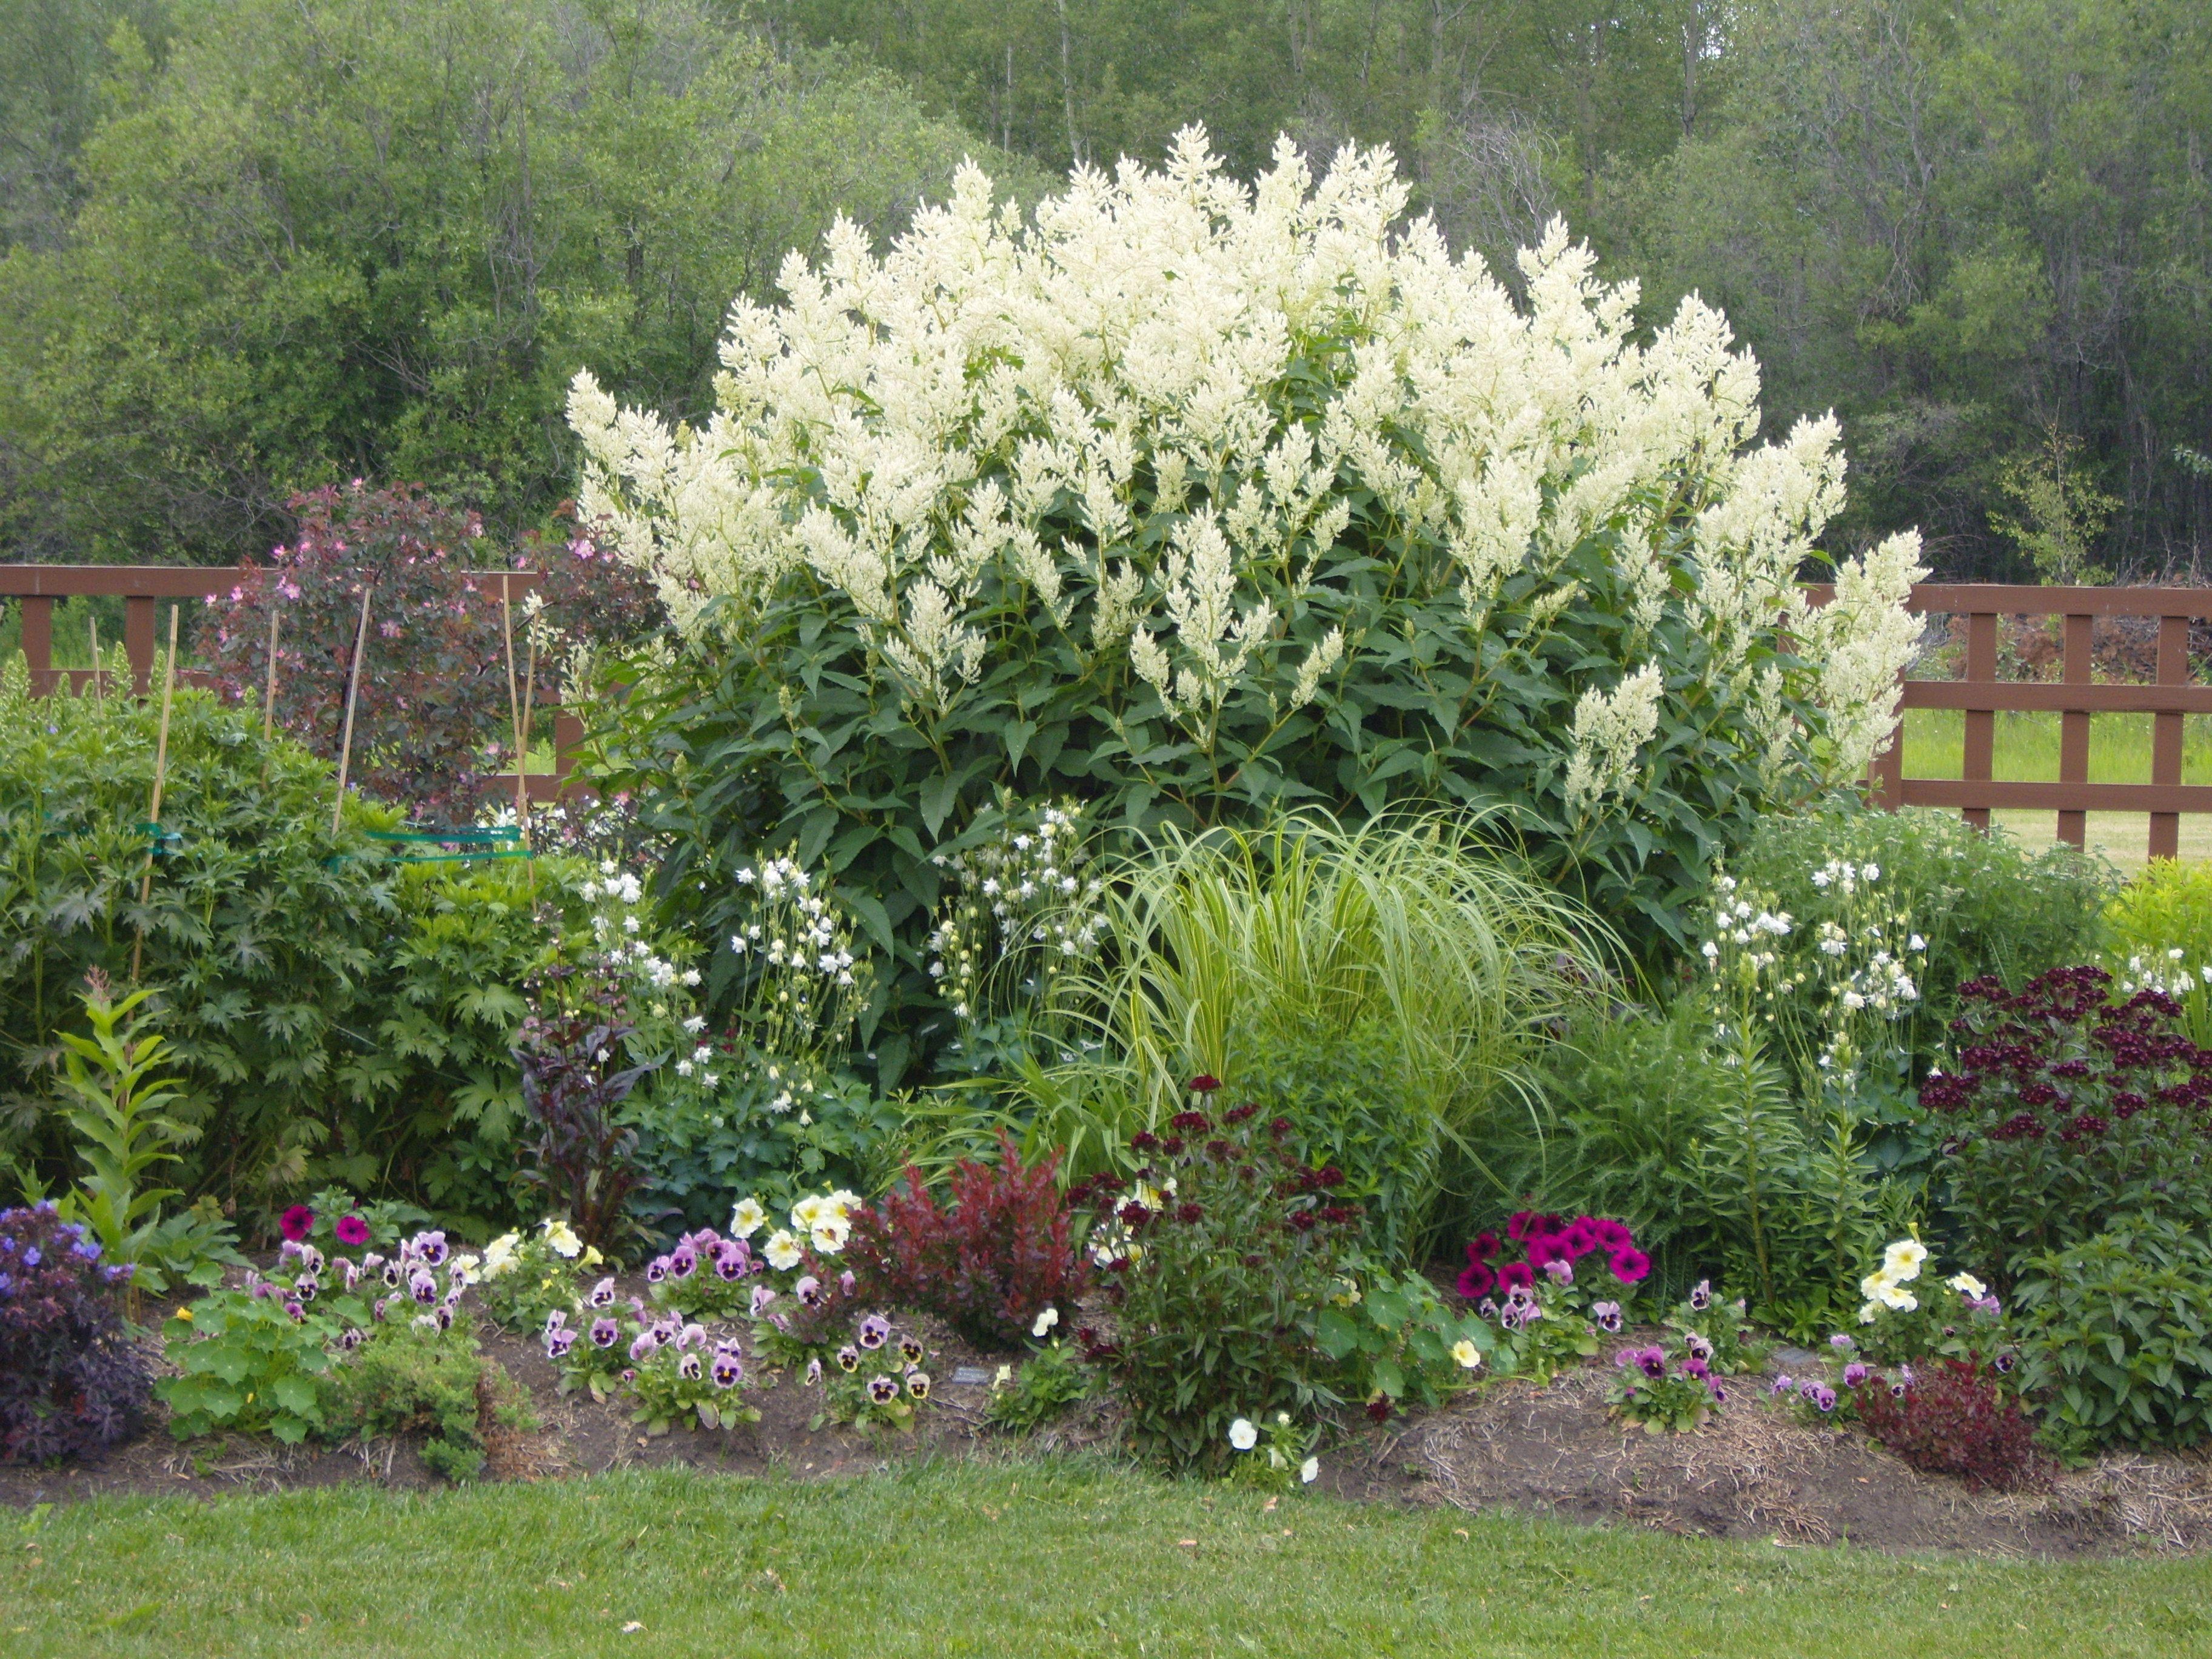 Giant White Fleece Flower Plants For Me Pinterest Peony